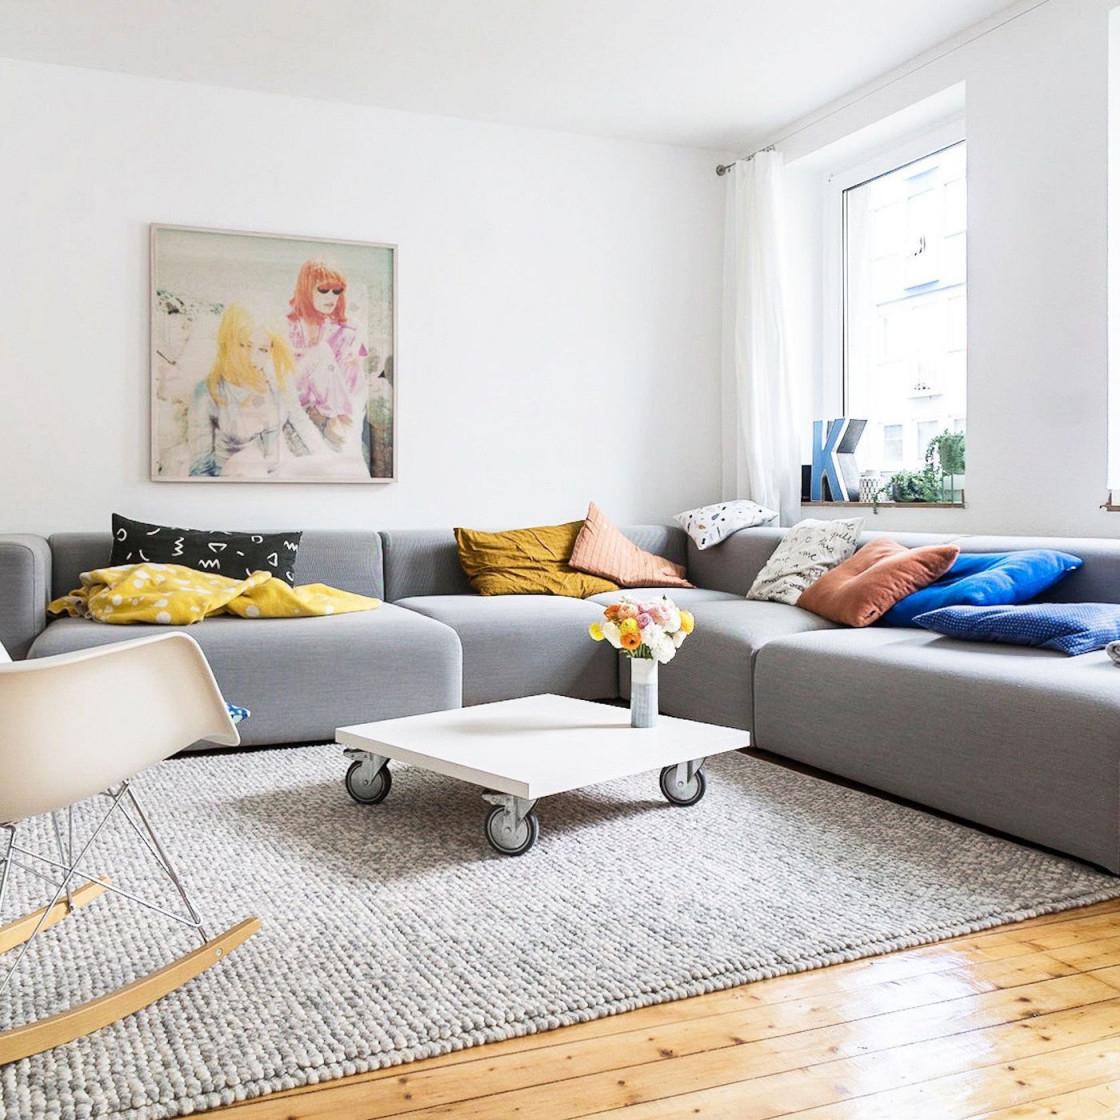 Wohnzimmer Die Schönsten Ideen von Wohnzimmer Einrichten Bilder Photo